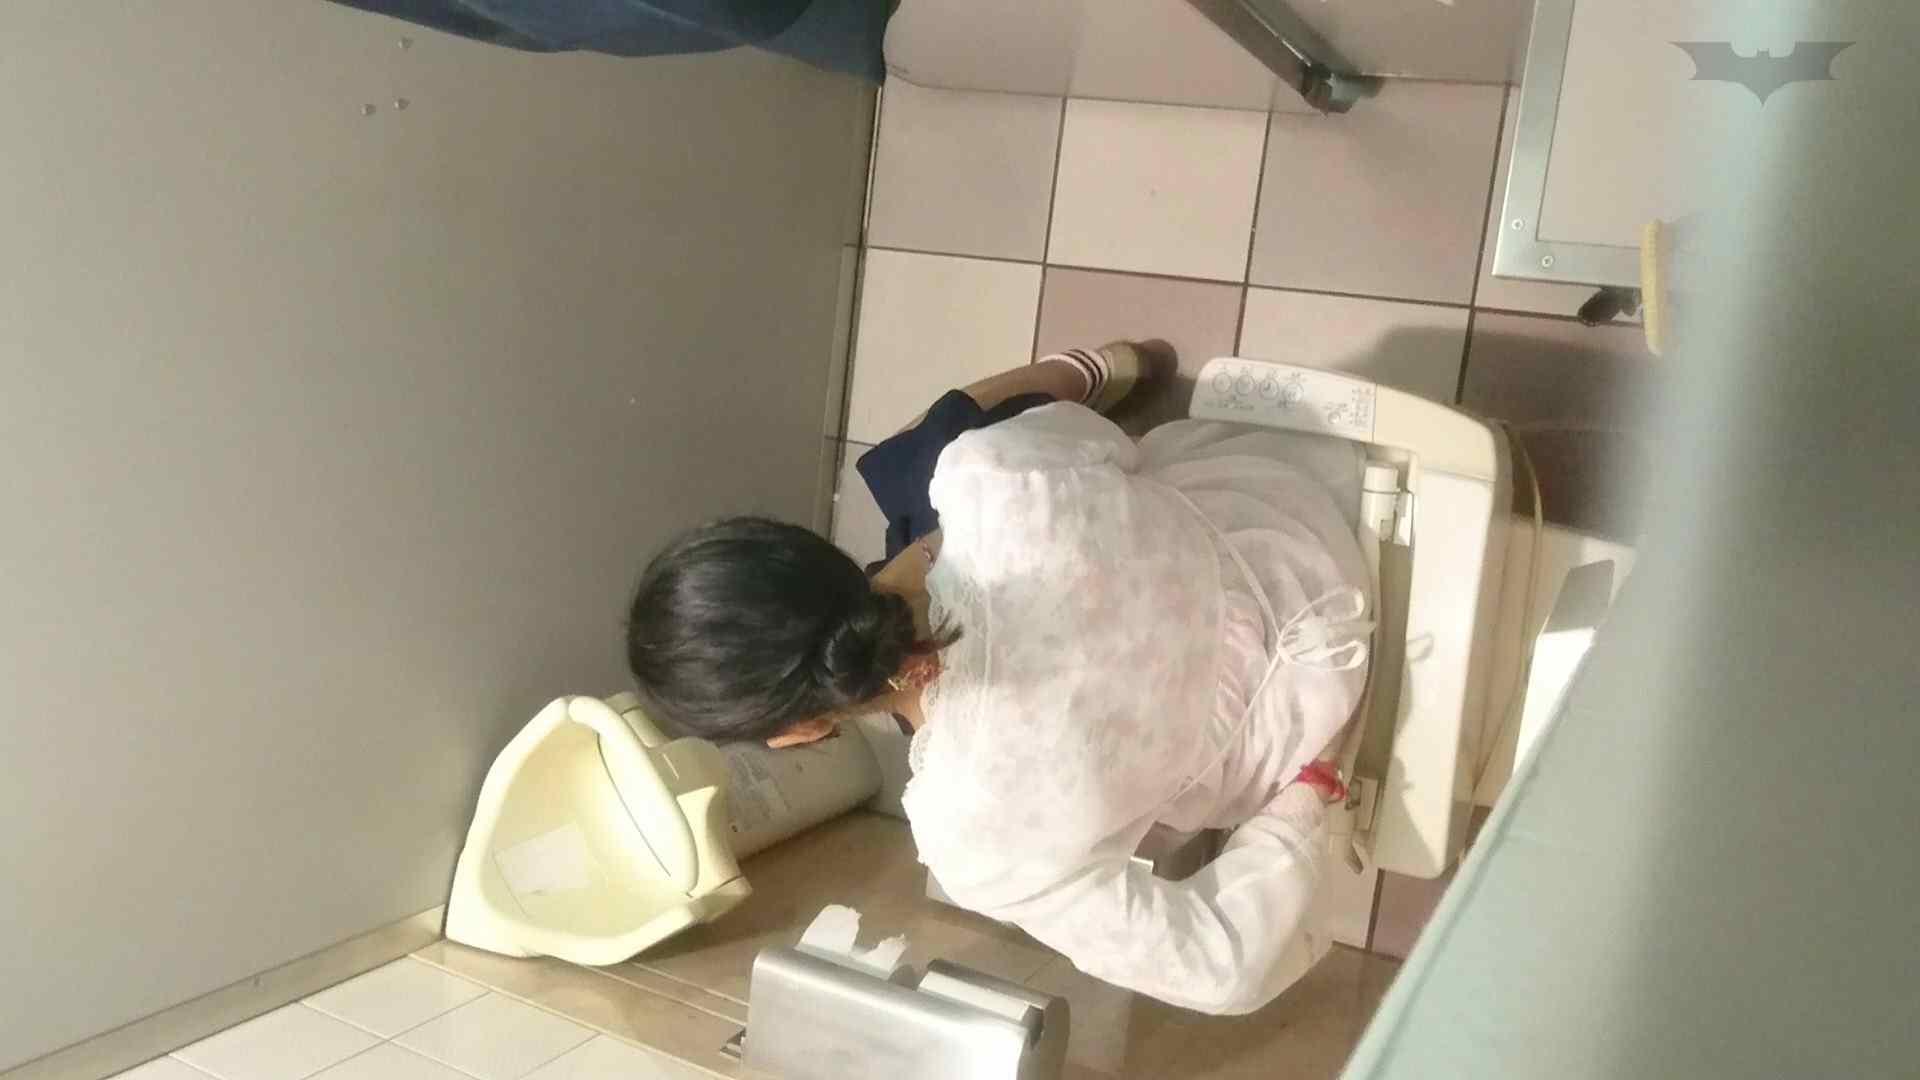 化粧室絵巻 ショッピングモール編 VOL.25 高評価  56PIX 44